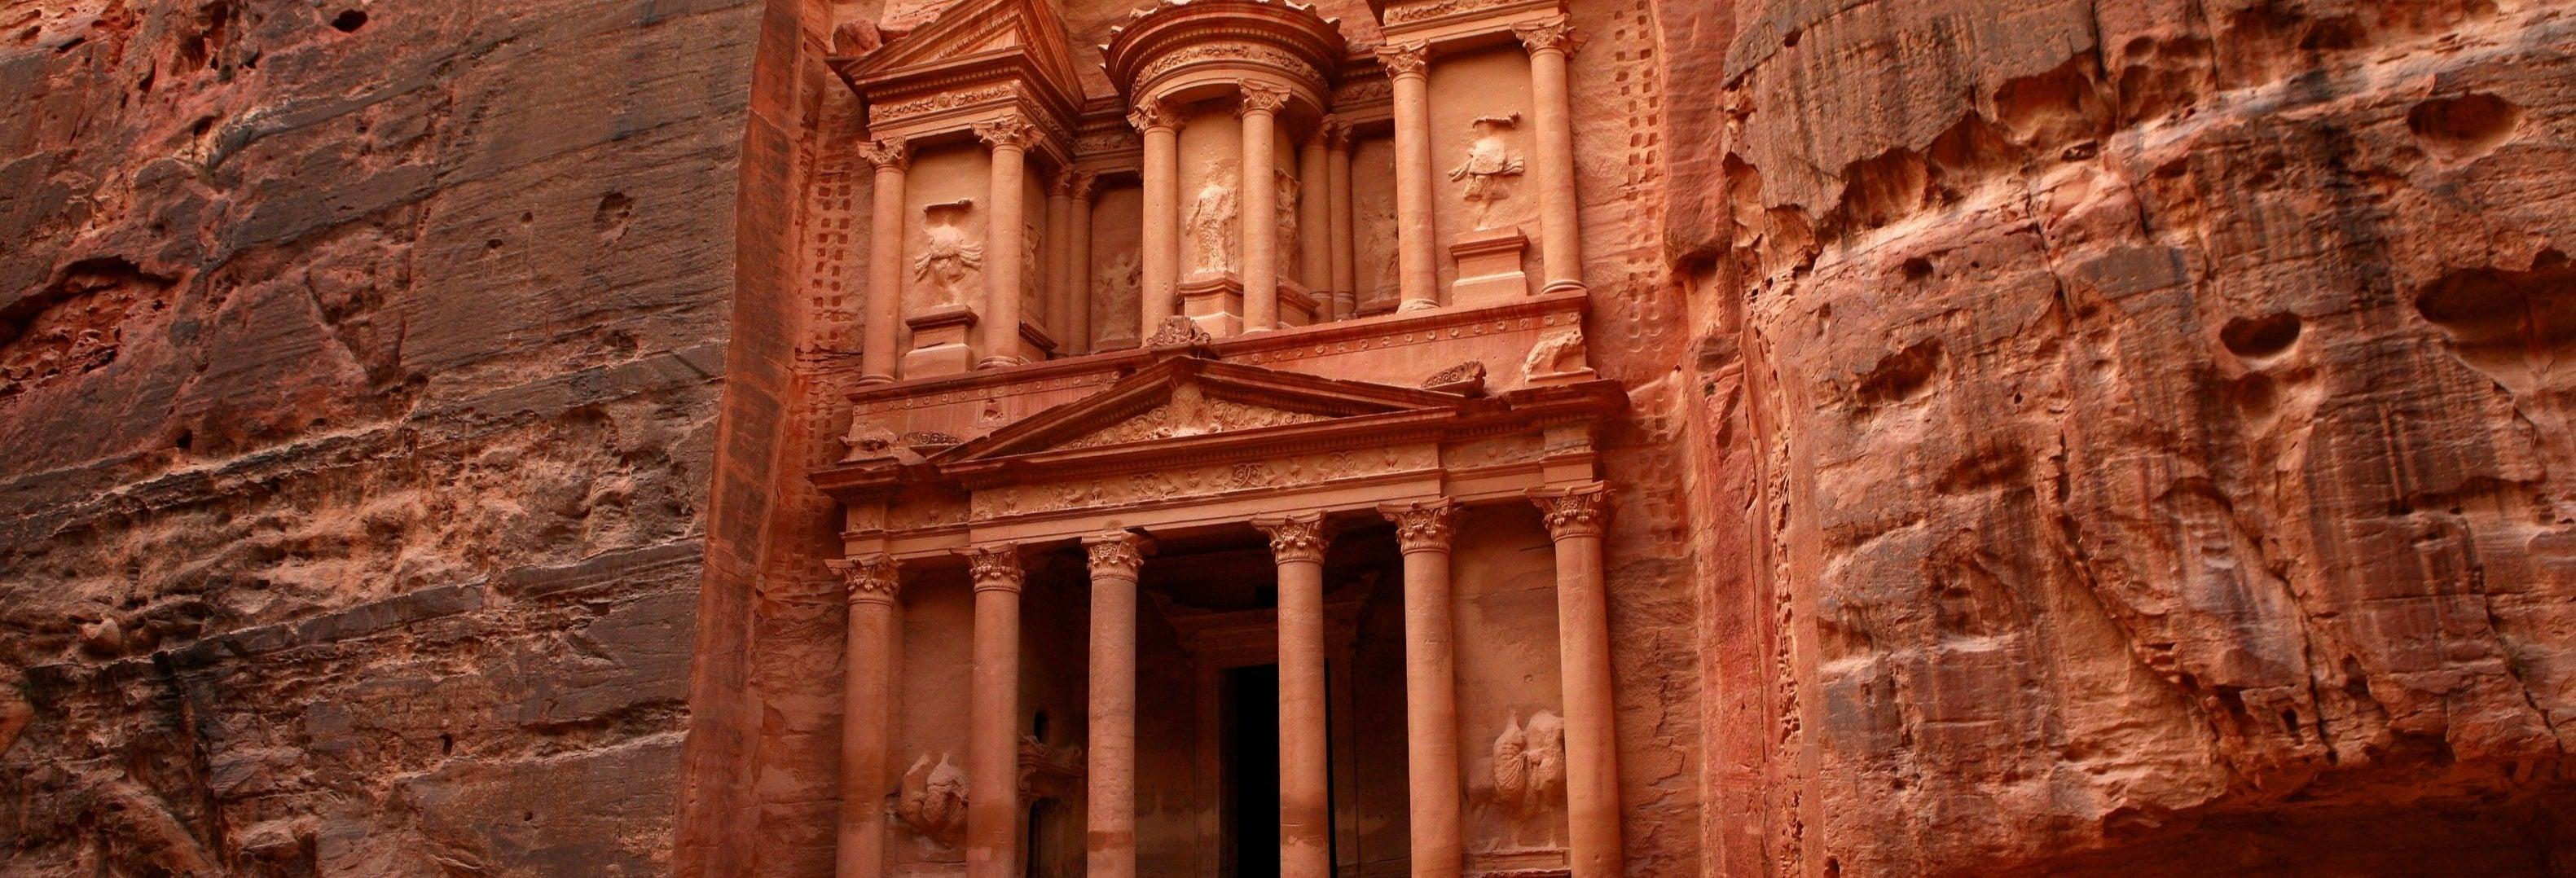 Excursión privada a Petra